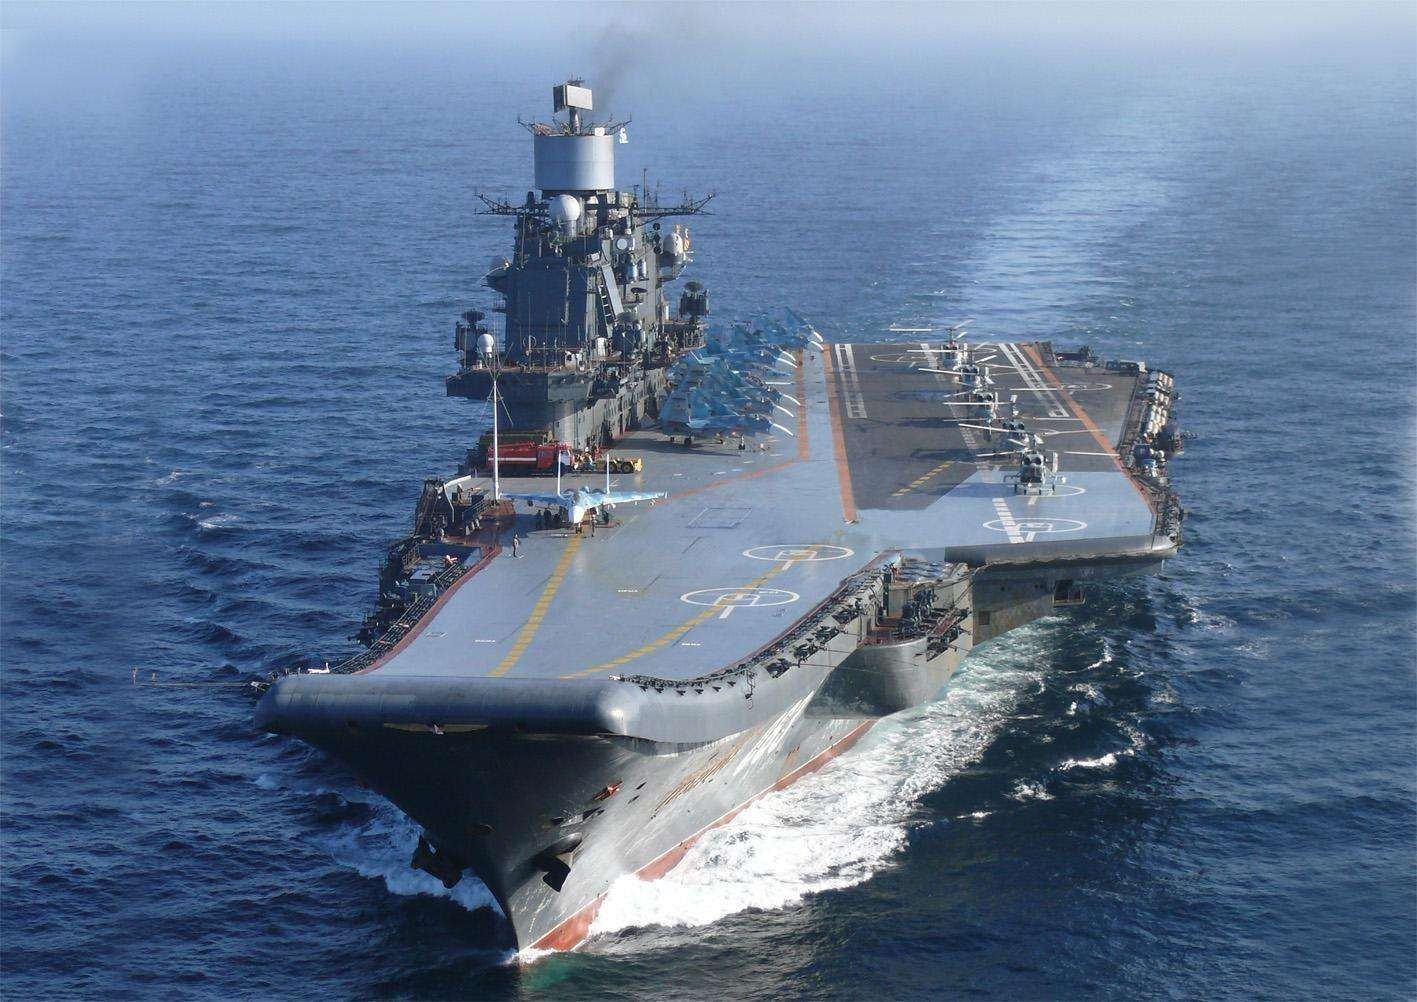 北极争夺战:整装待发的俄罗斯北方舰队,一己之力对抗北约四国